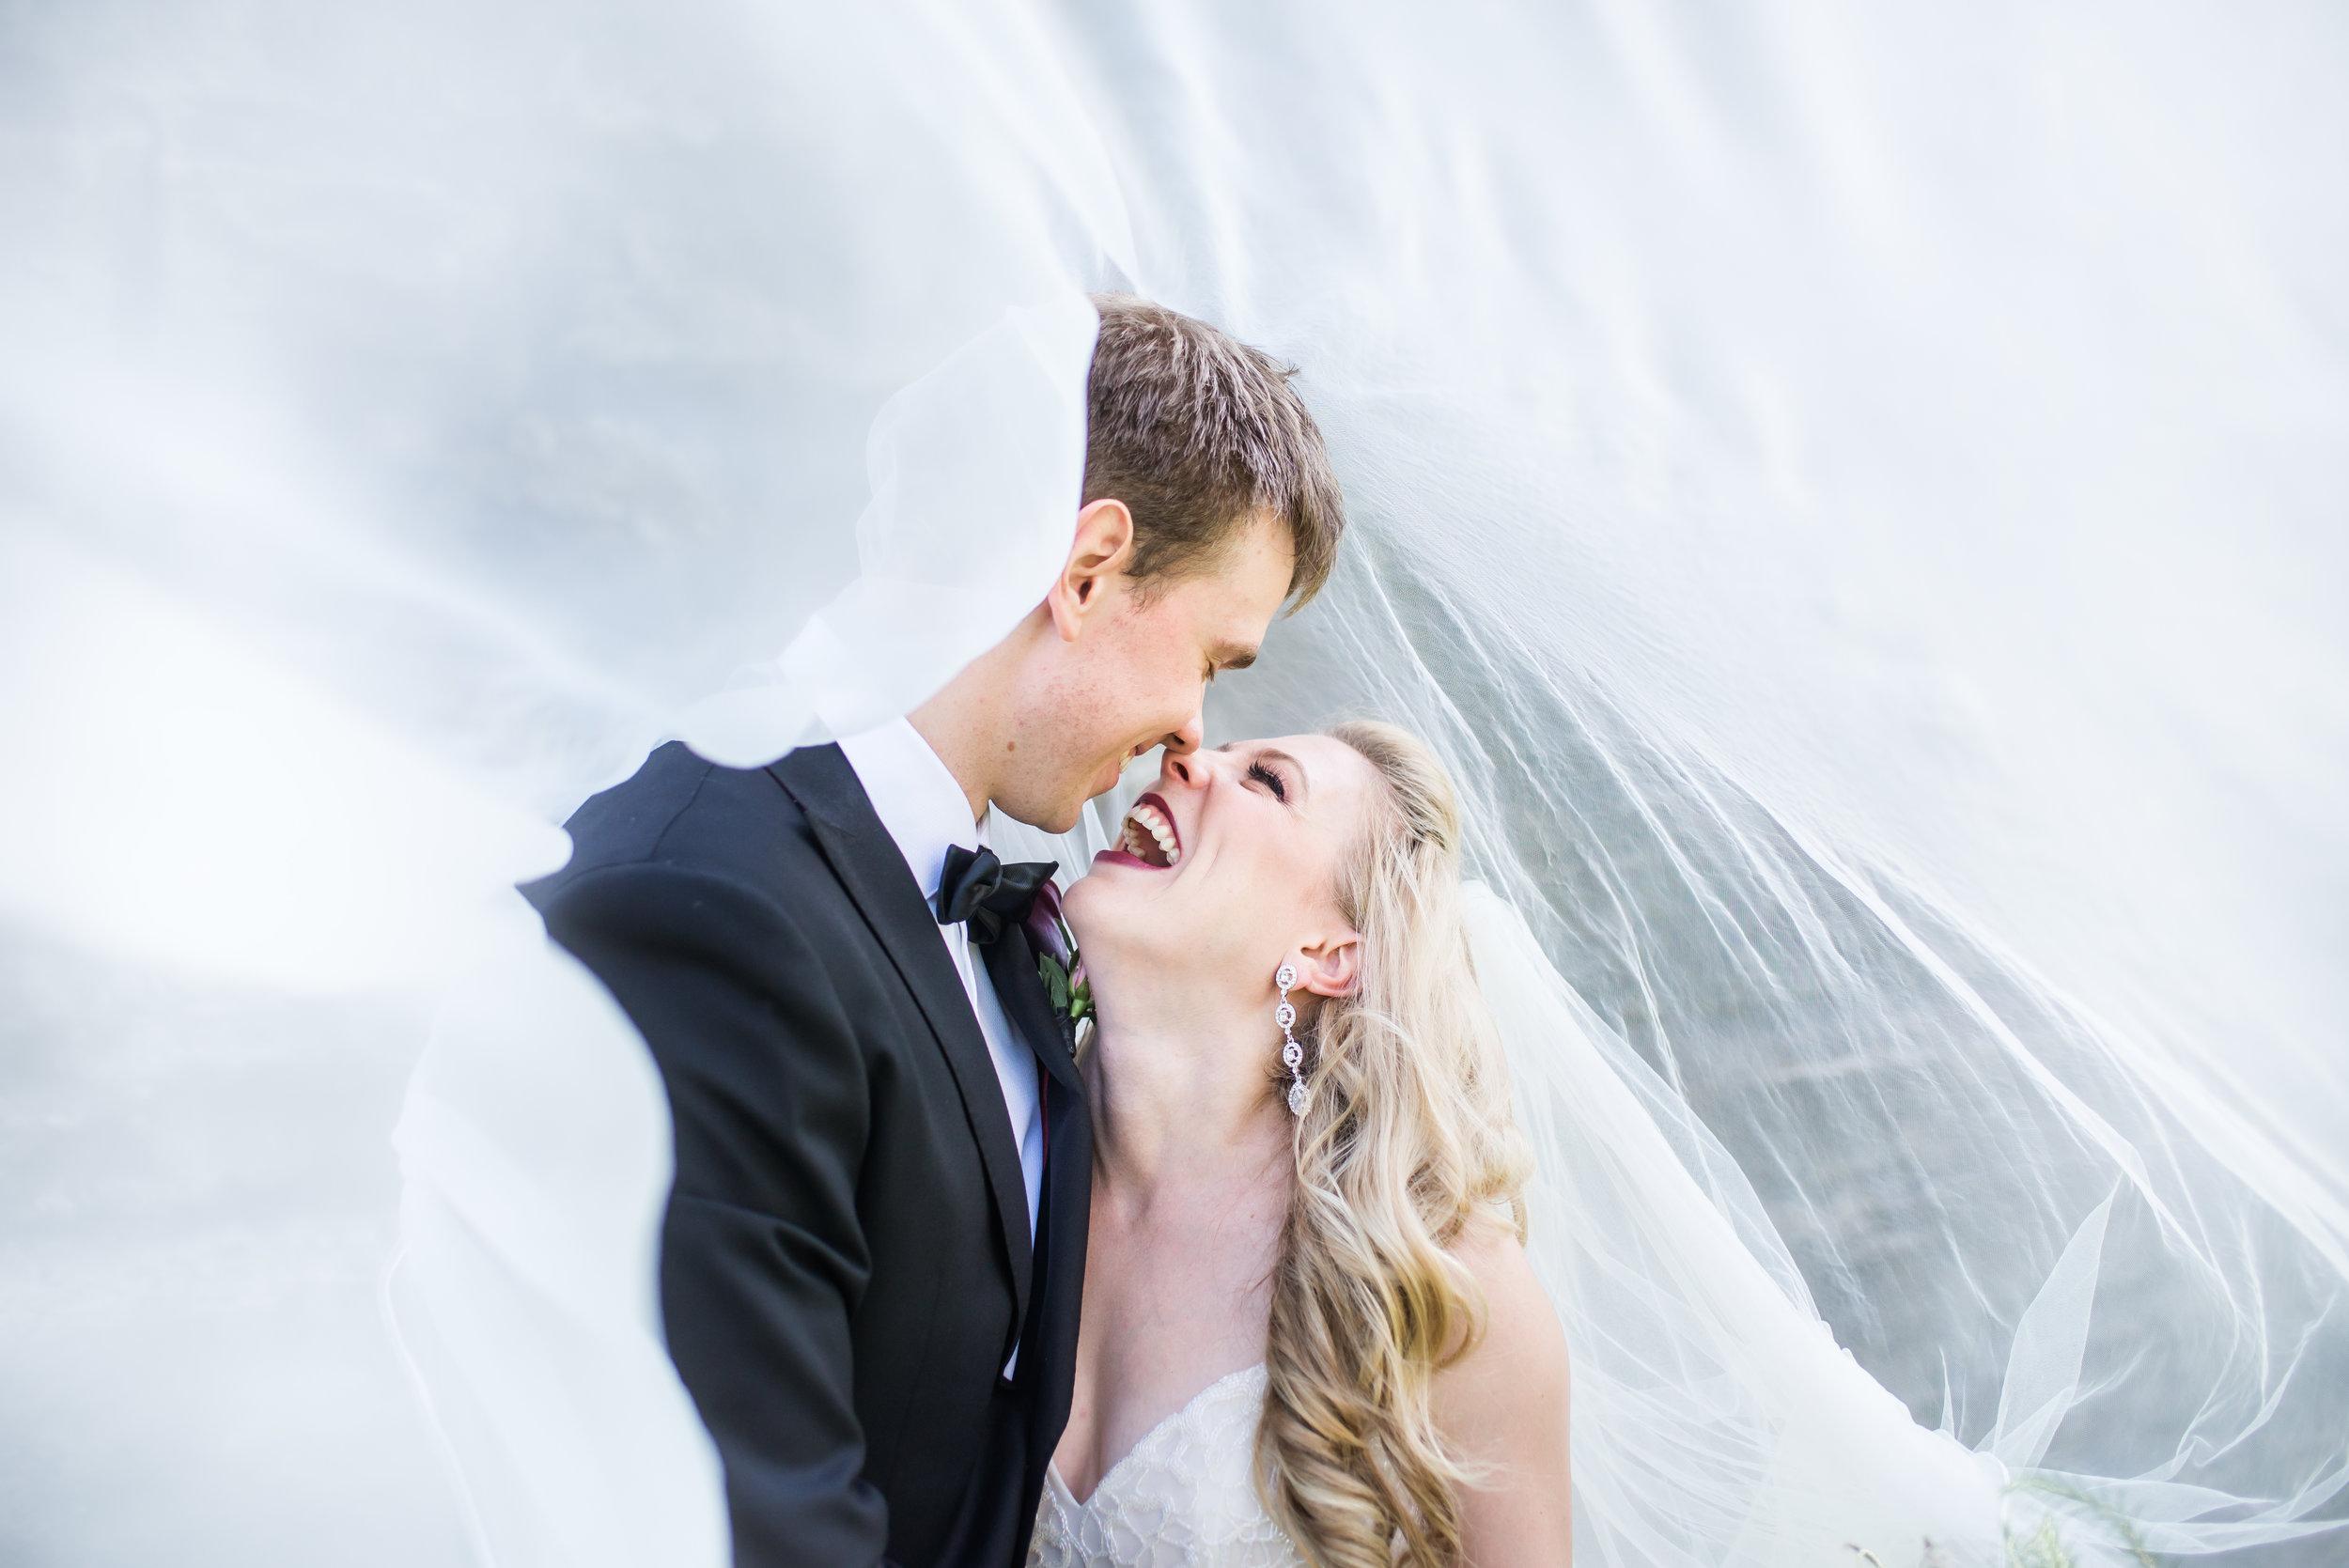 bride_and_groom_veil_photo.jpg